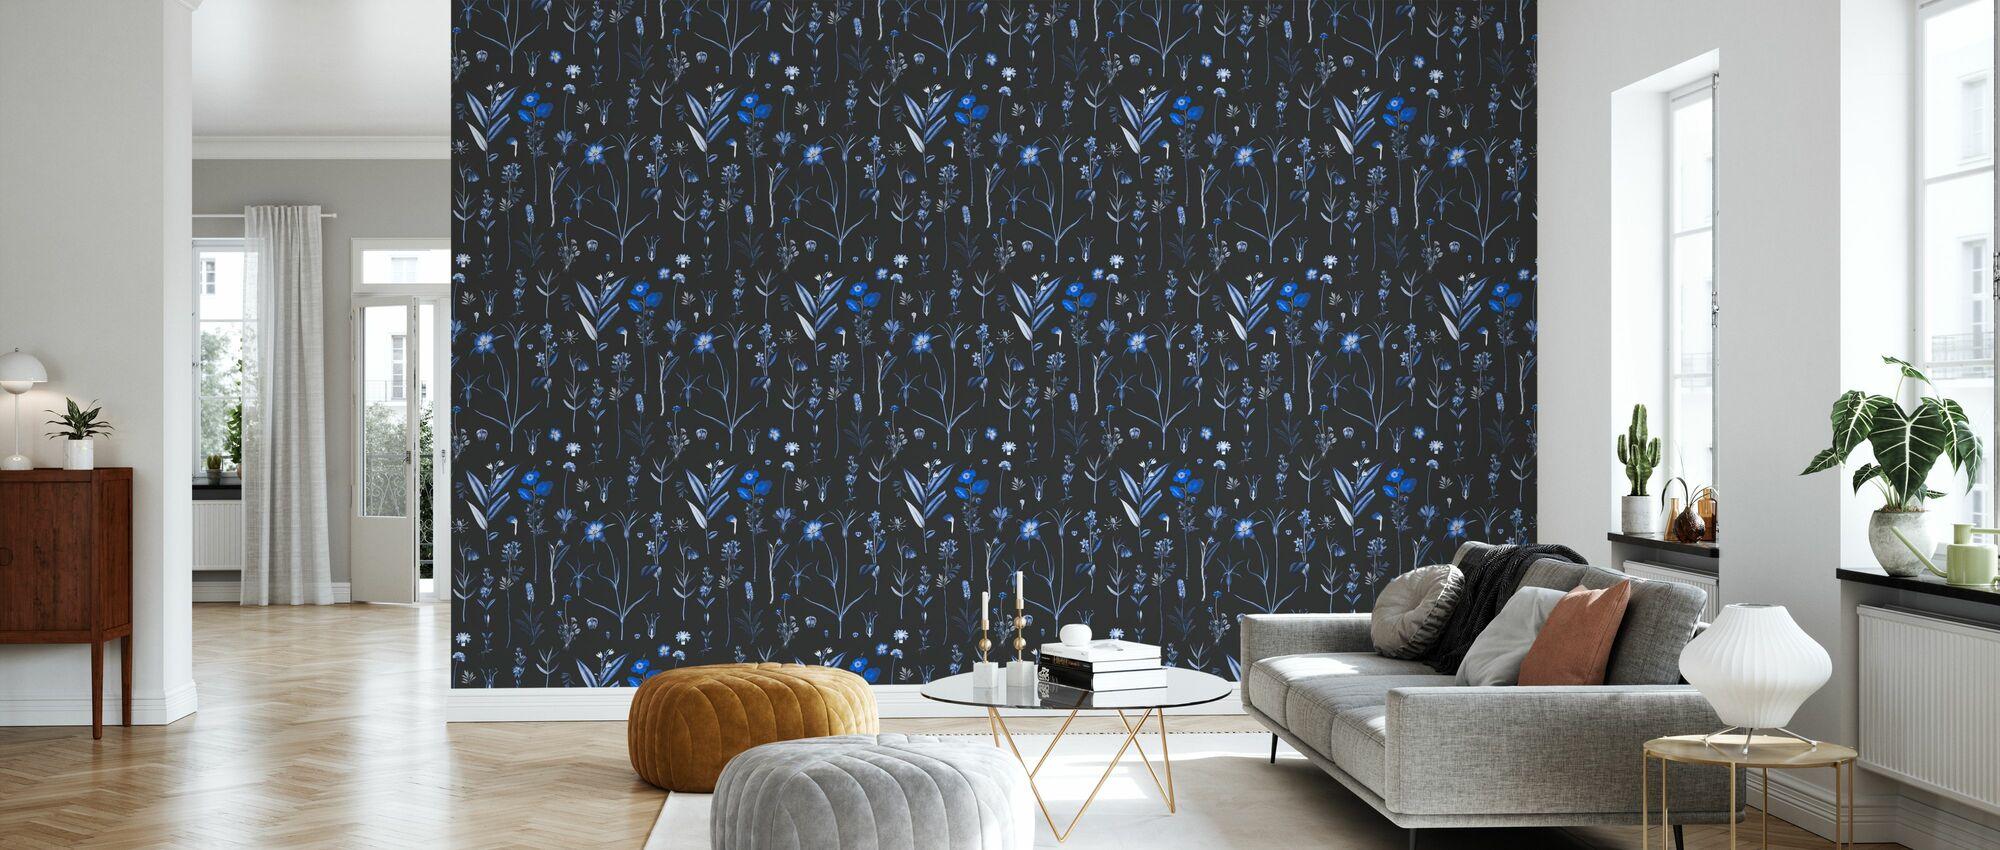 Botanical Morning Blue - Wallpaper - Living Room